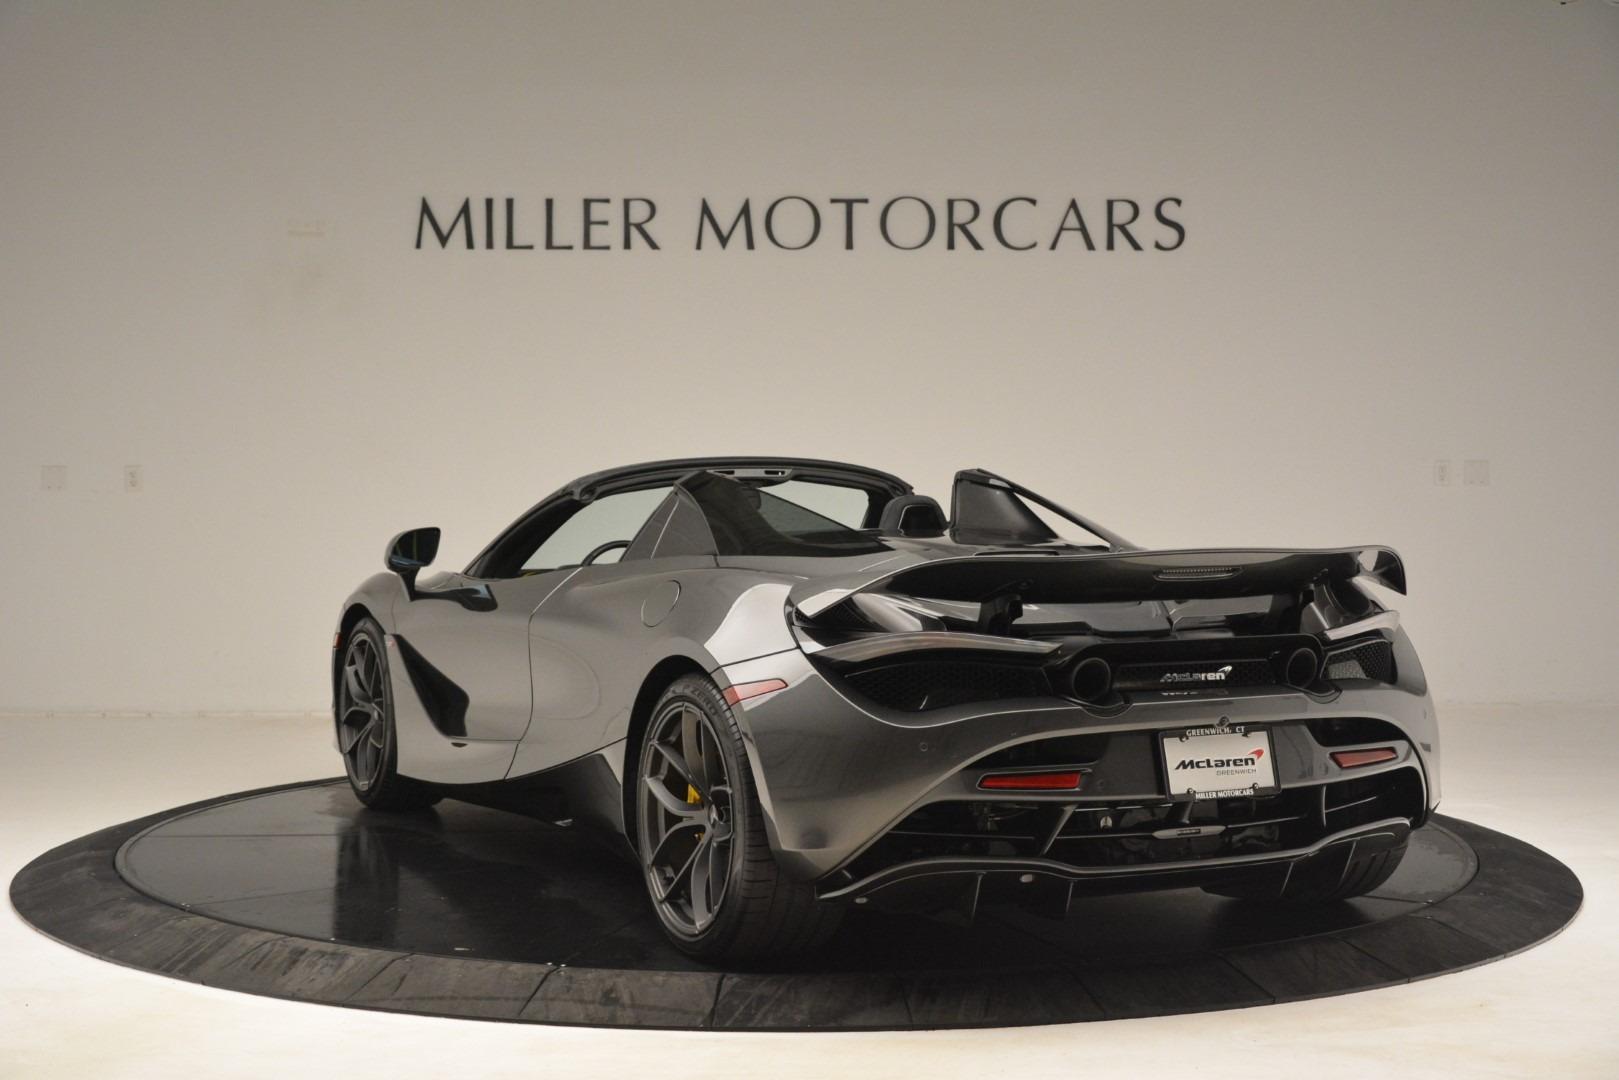 New 2020 McLaren 720S Spider Convertible For Sale In Westport, CT 3266_p4